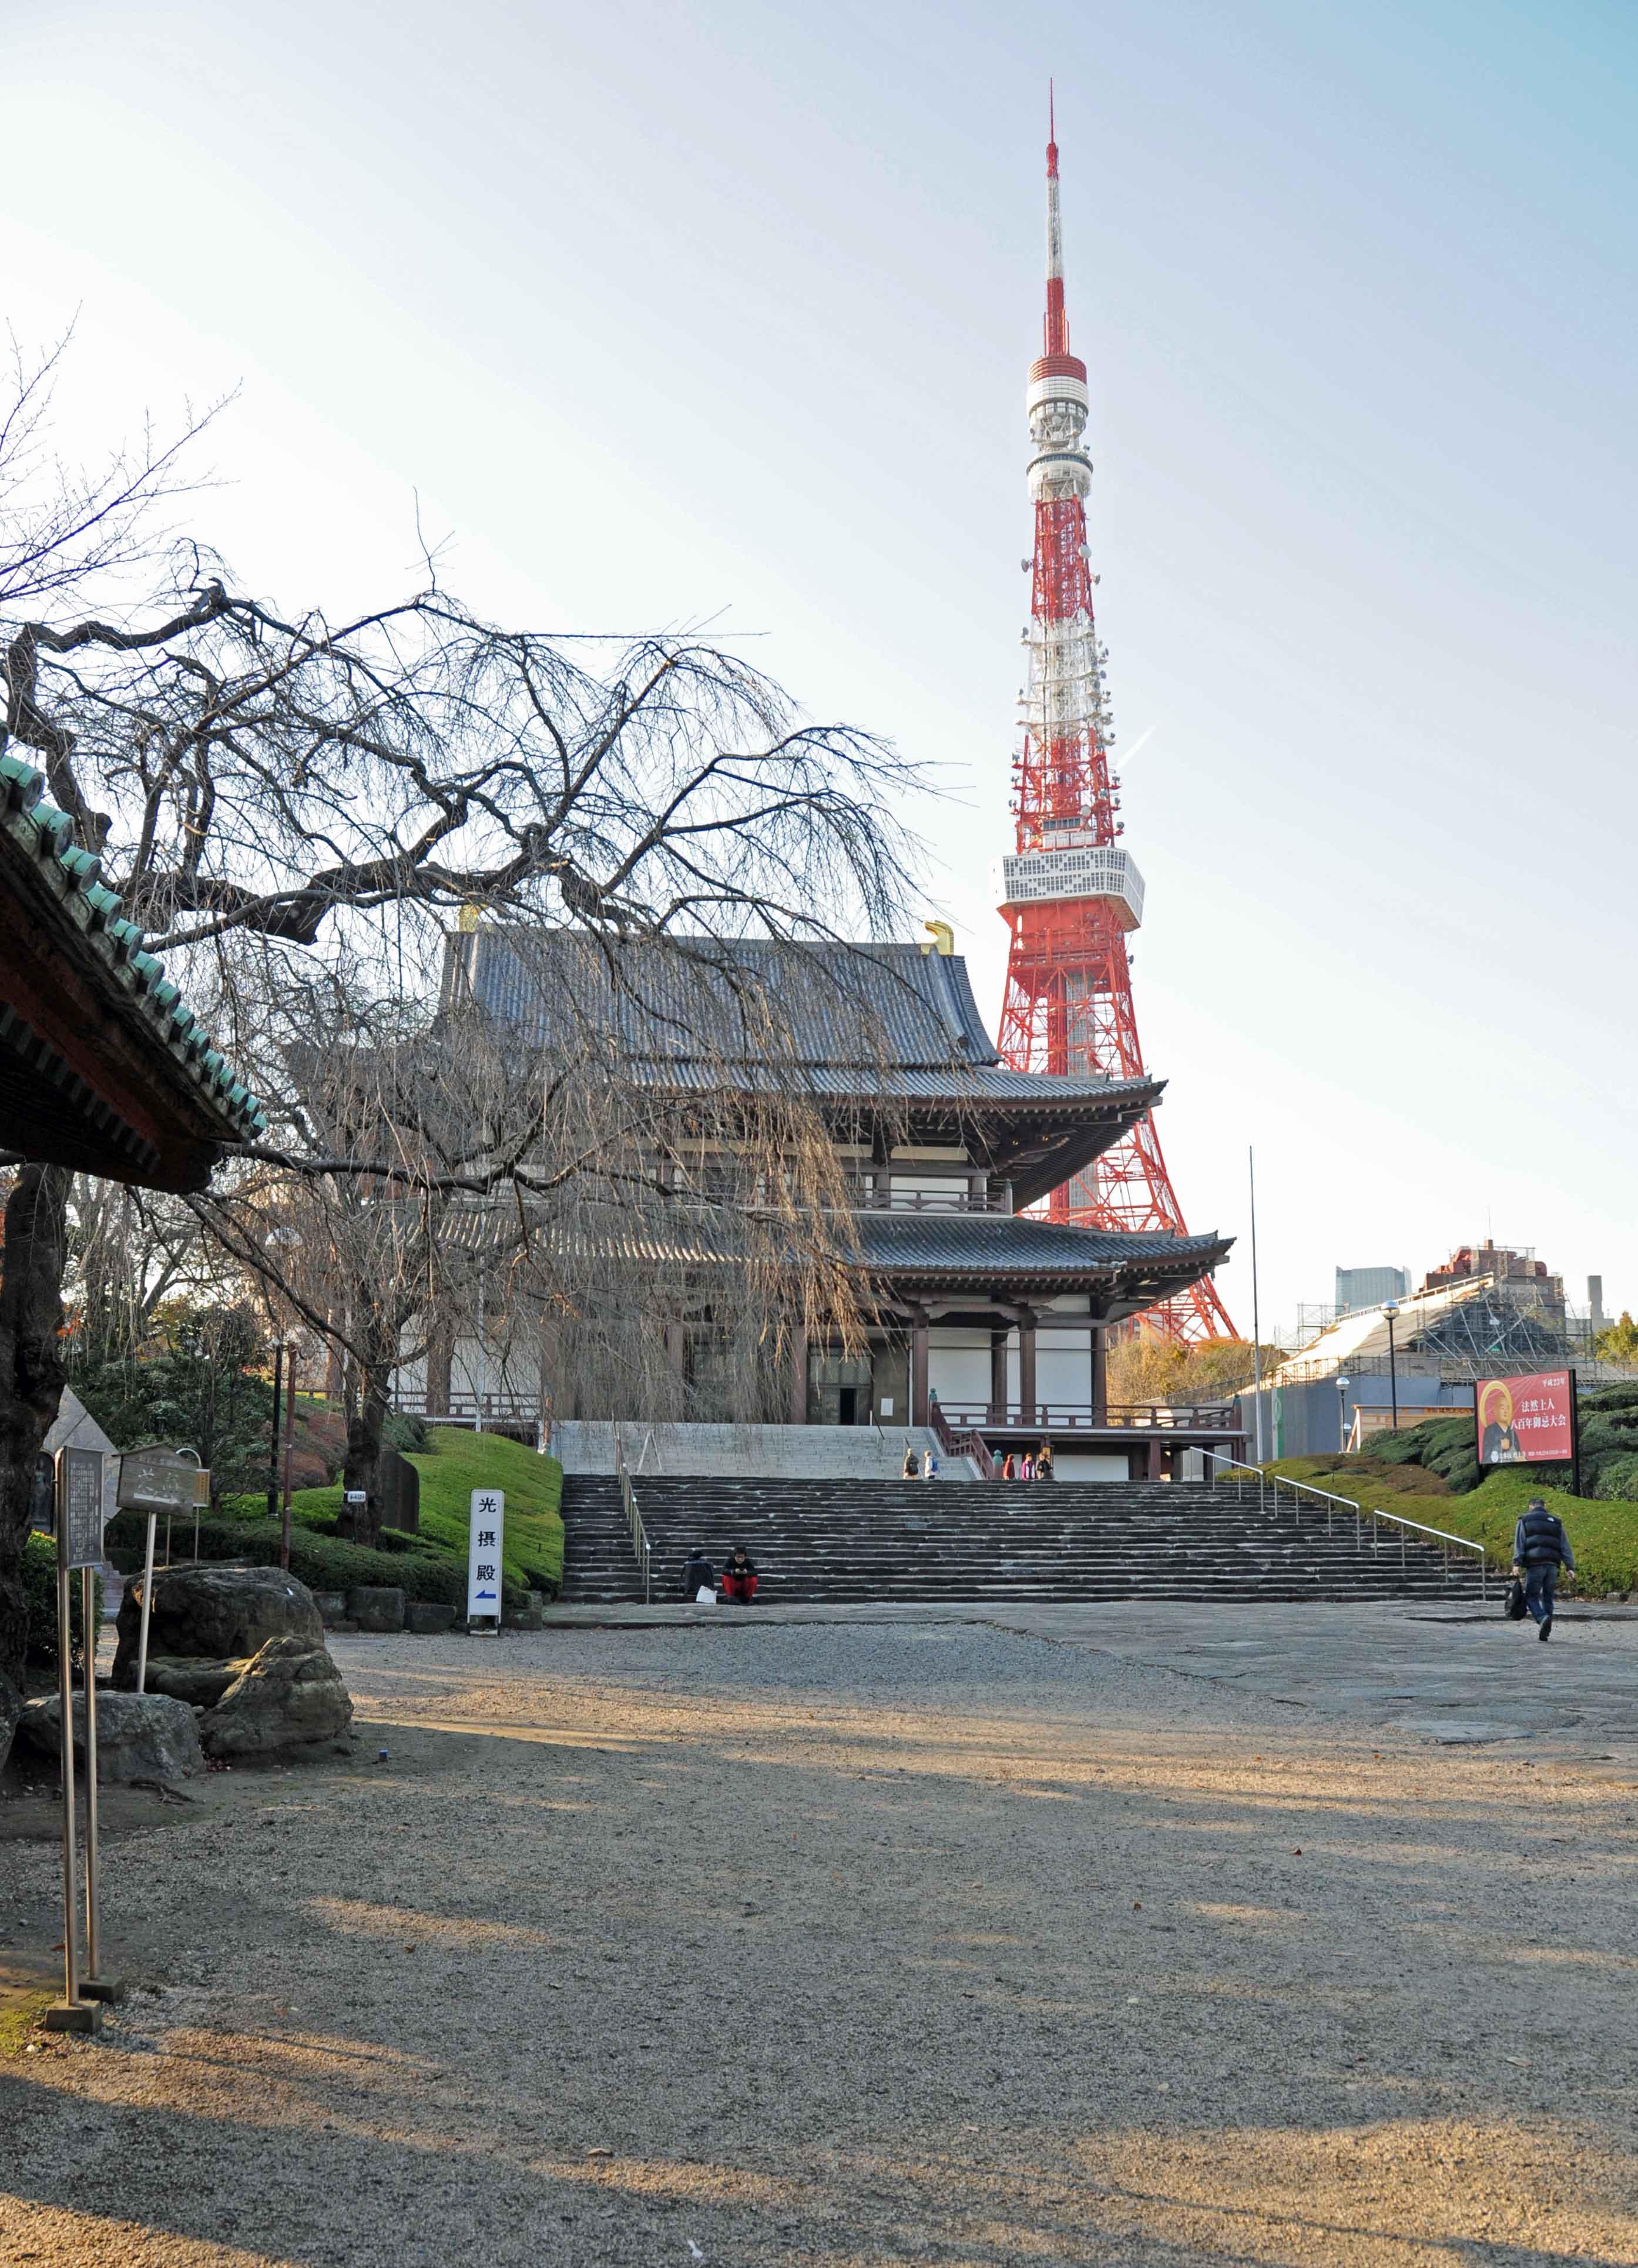 Hinter einem Tempel steht ein rot weiß gestreifter Turm, der dem Eiffelturm nachempfunden ist.